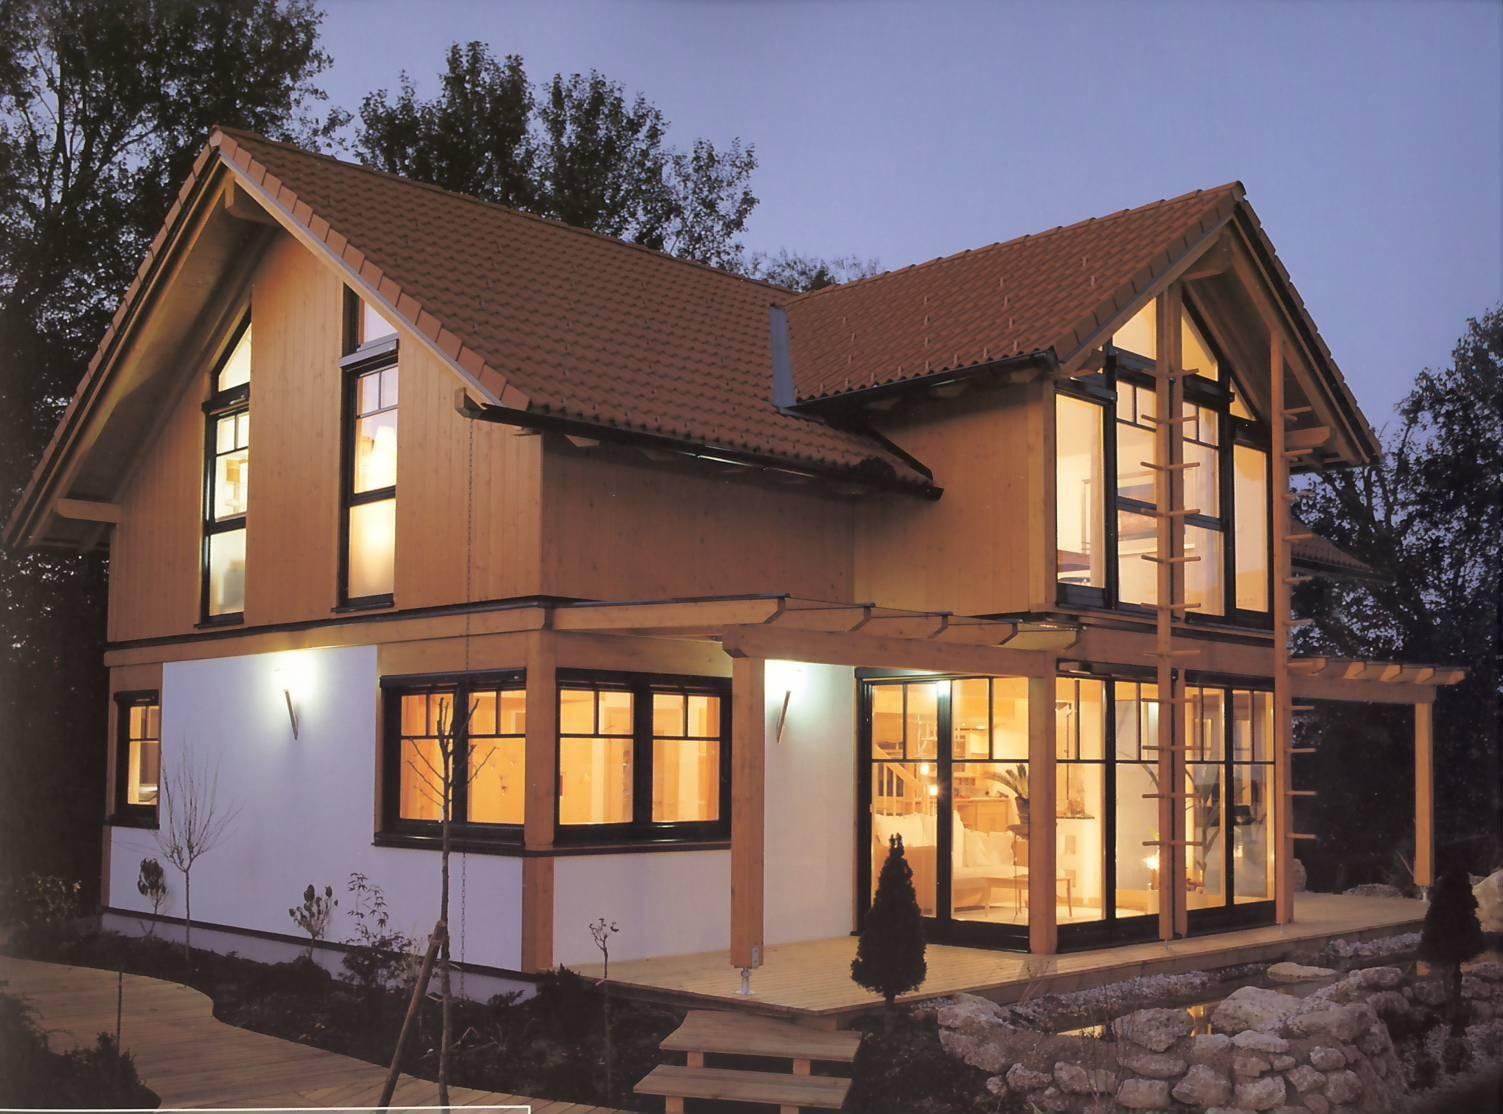 progetto casa naturale case in legno prefabbricate. Black Bedroom Furniture Sets. Home Design Ideas